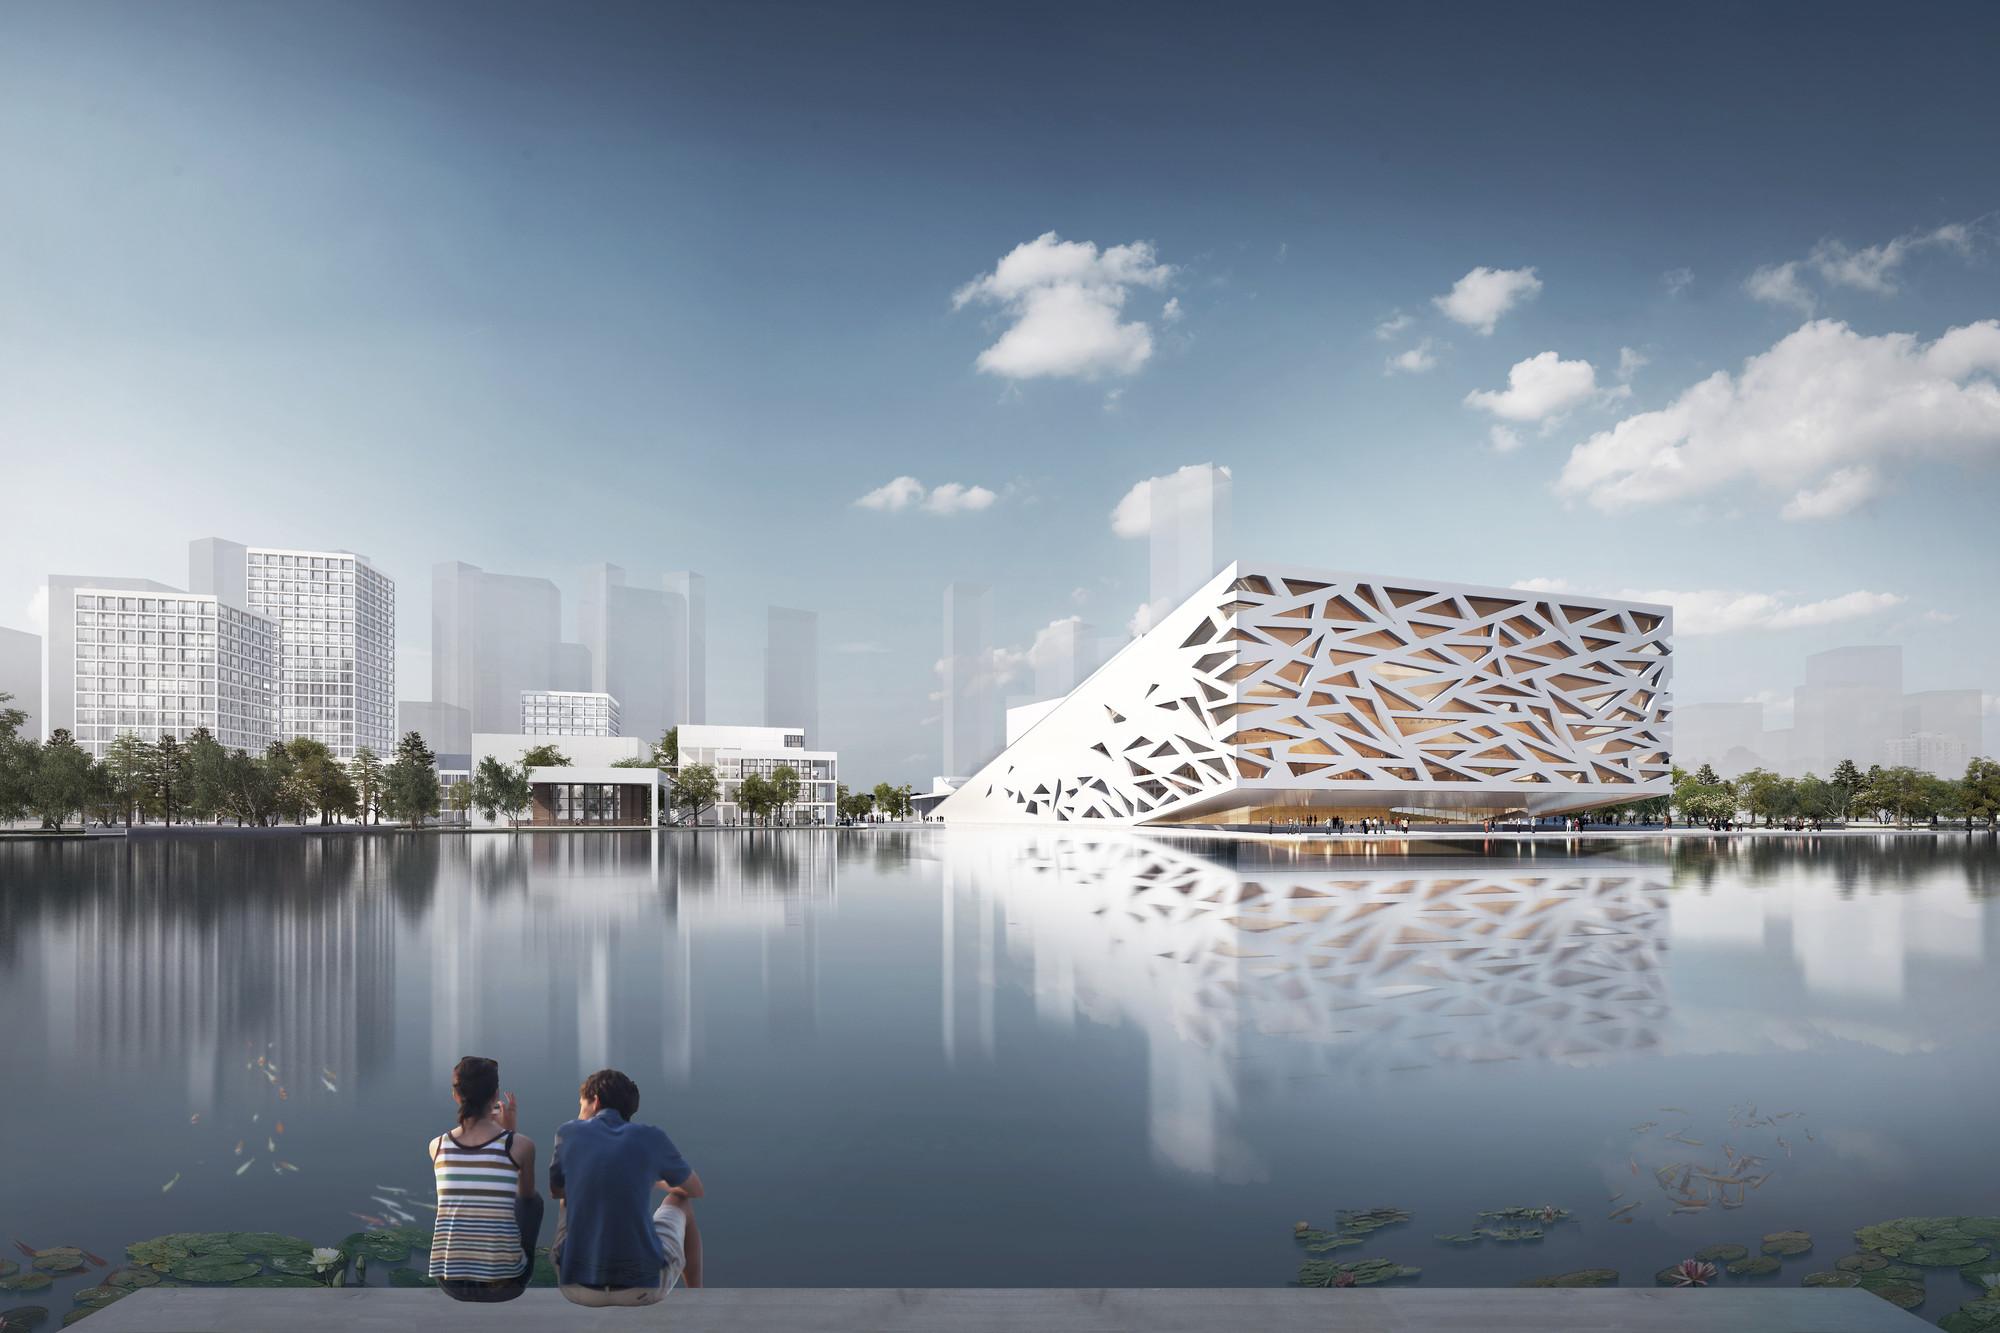 Primeiras imagens da Yuhang Opera de Henning Larsen Architects, © Henning Larsen Architects